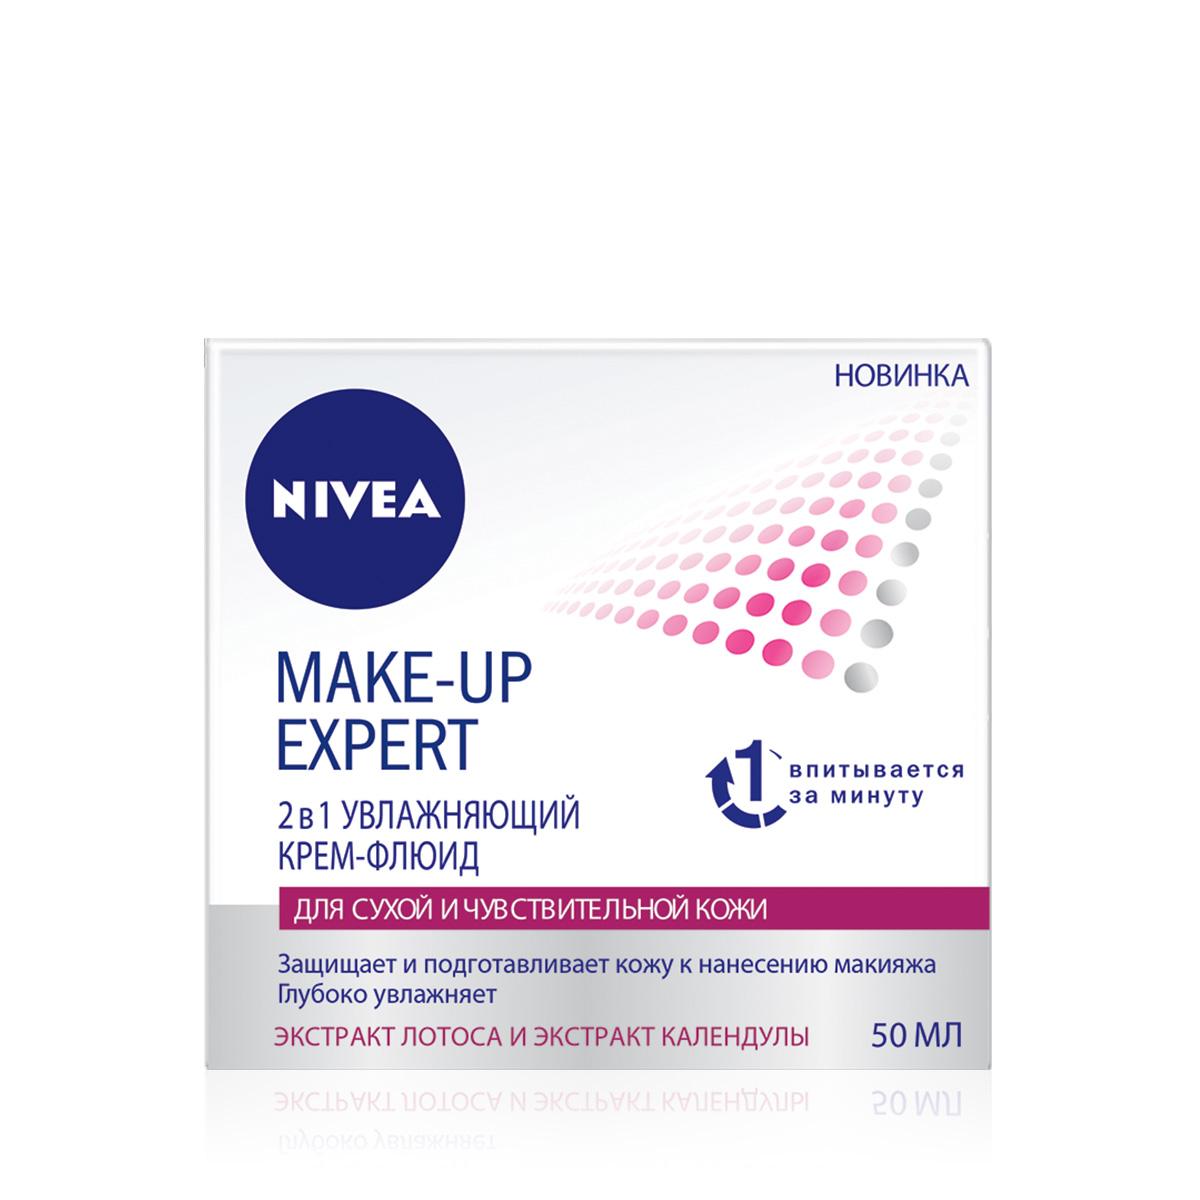 Крем-флюид MAKE-UP EXPERT 2в1 увлажняющий для сухой и чувствительной кожи 50 мл крем флюид make up expert 2в1 увлажняющий для сухой и чувствительной кожи 50 мл